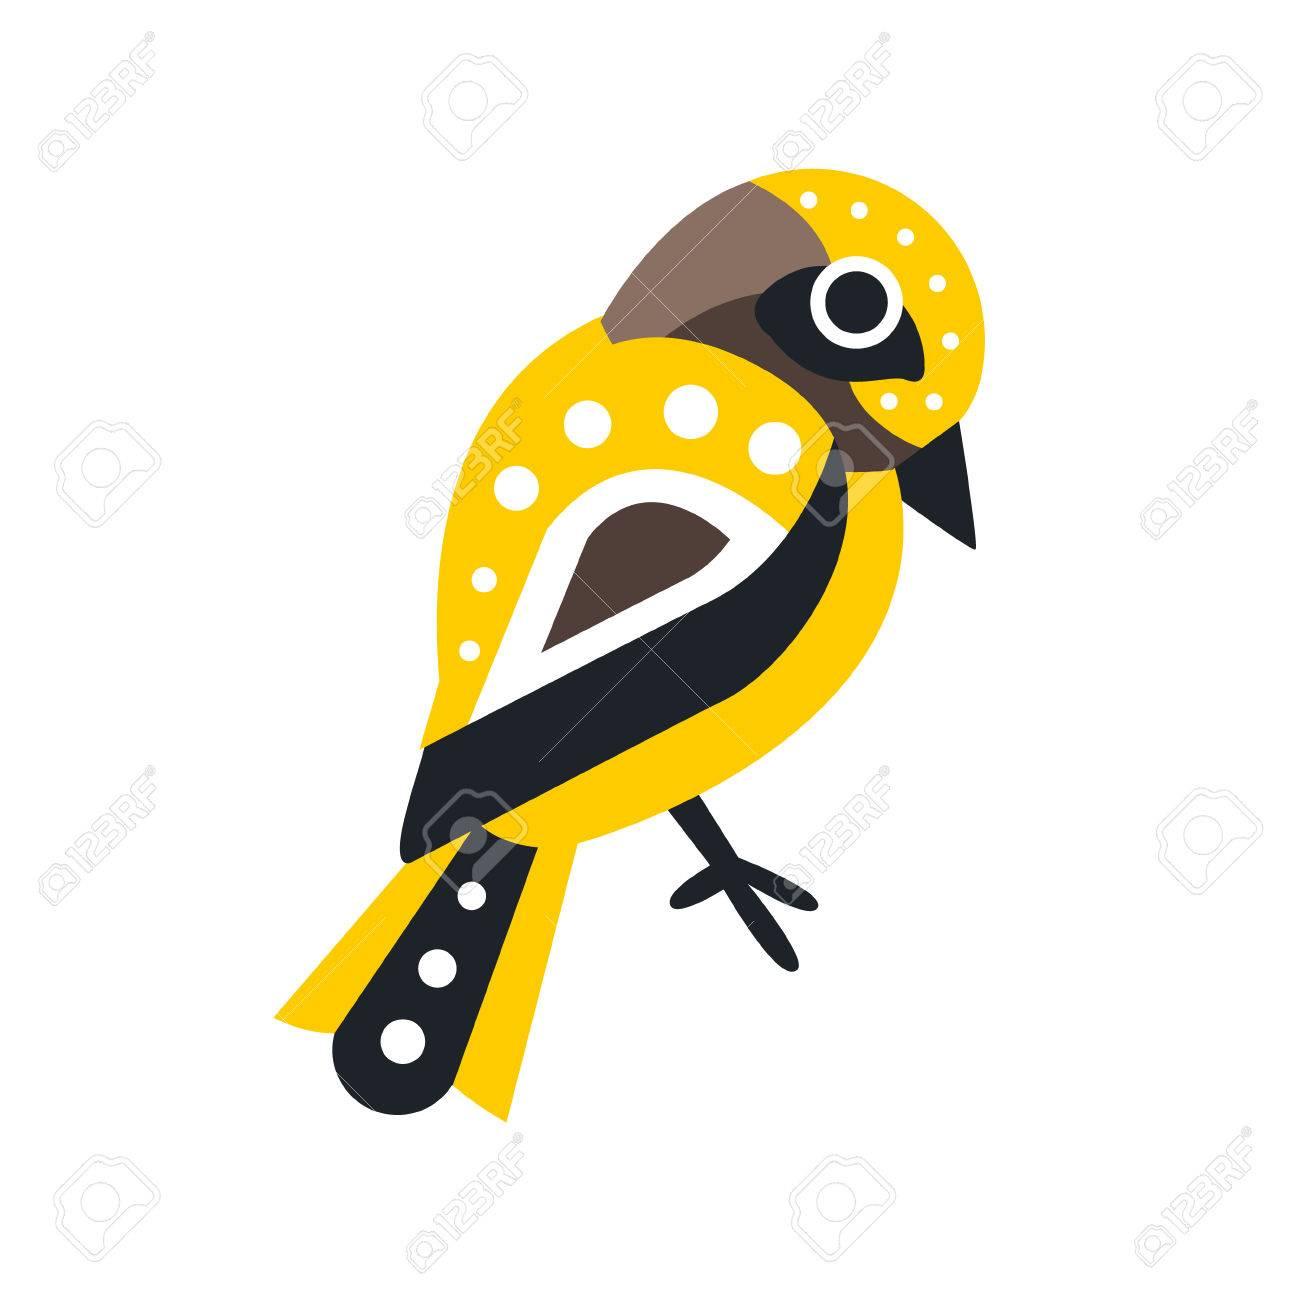 Petit Vecteur De Personnage De Dessin Anime Oiseau Colore Illustration Isole Sur Fond Blanc Clip Art Libres De Droits Vecteurs Et Illustration Image 78612597